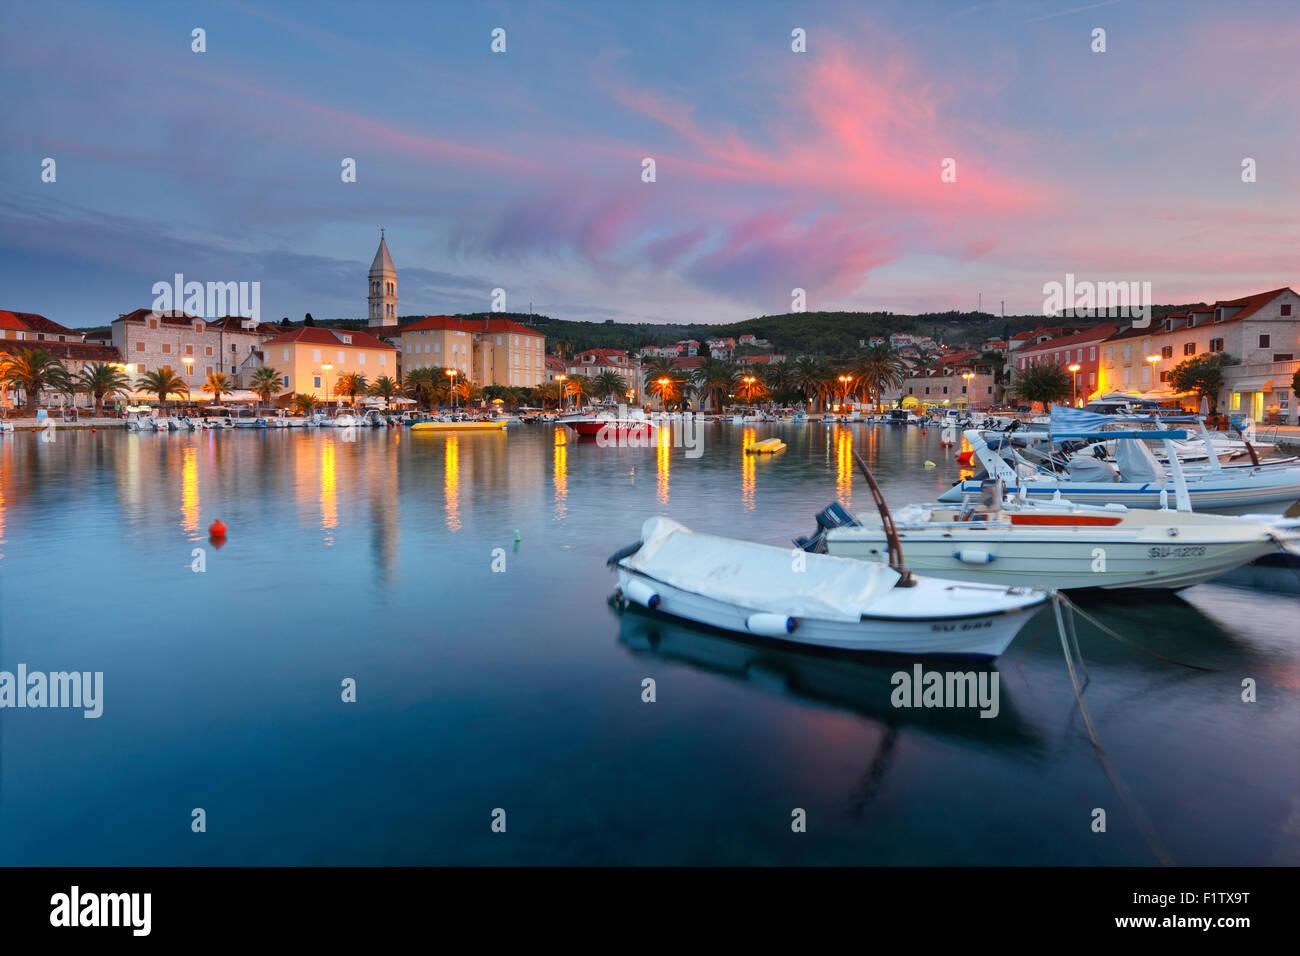 Supetar on island Brac at sunset. - Stock Image